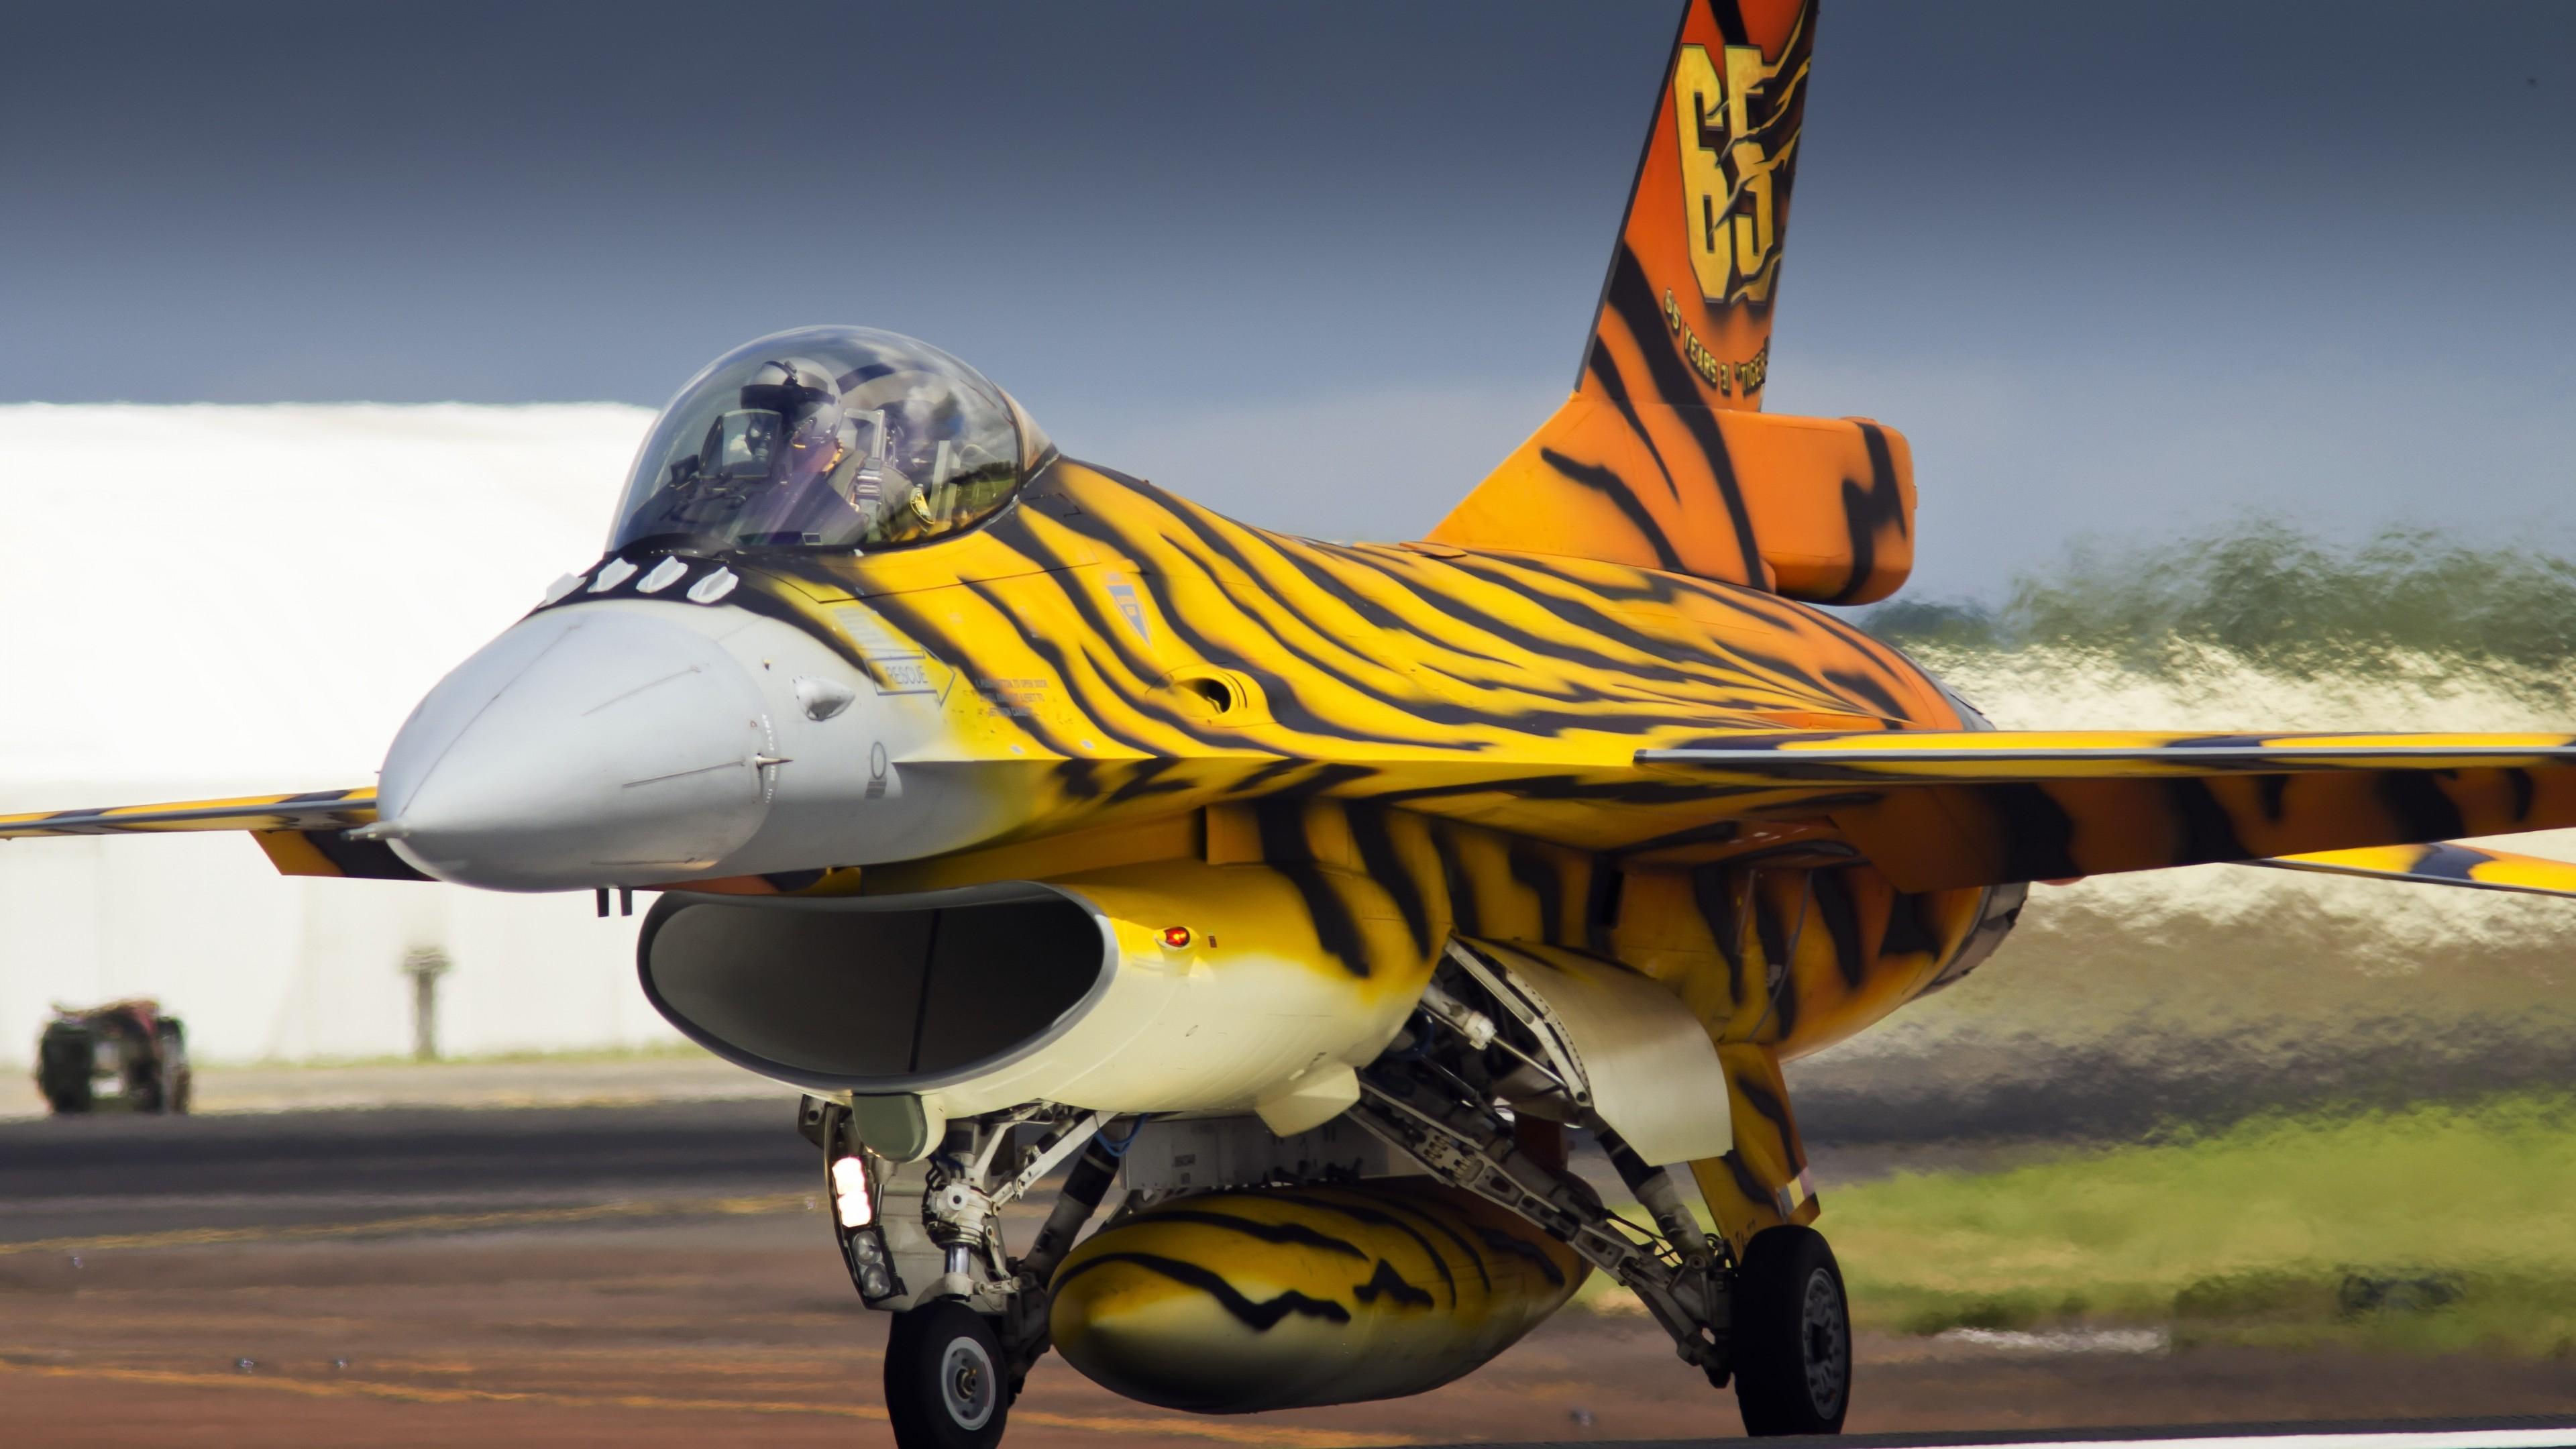 Самолет-истребитель в тигровой окраске с цифрой 65 на взлетной полосе